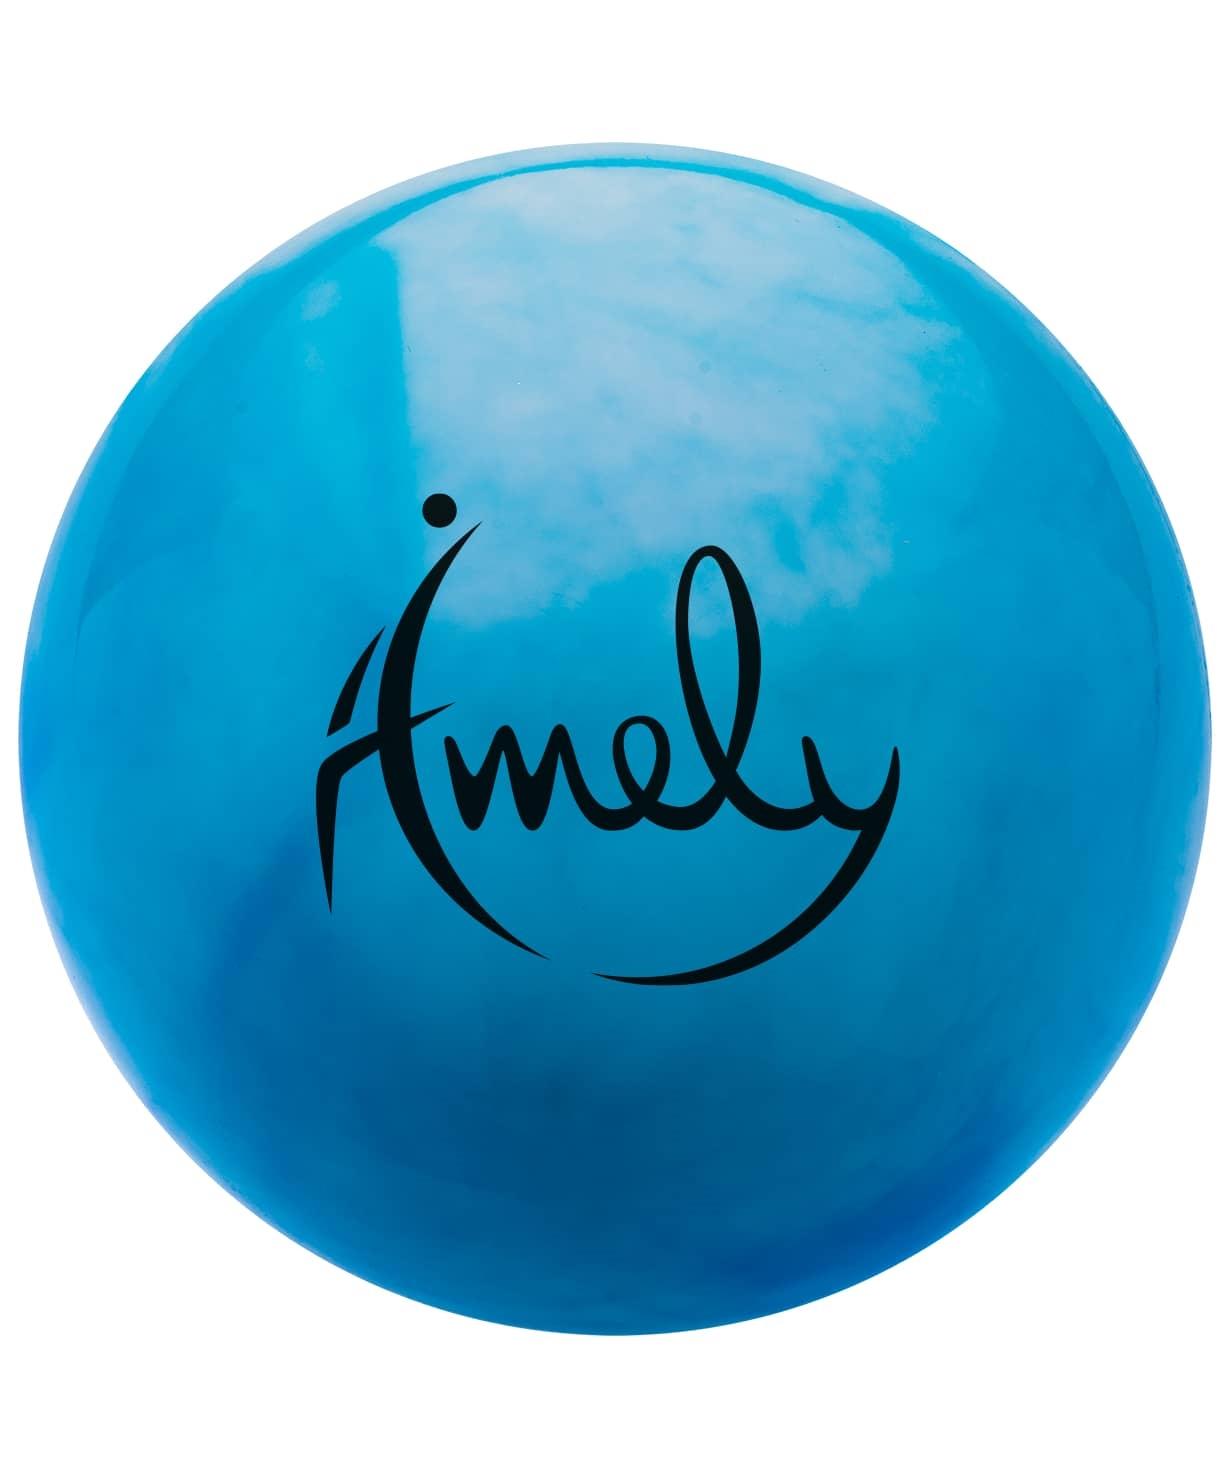 Мяч для художественной гимнастики AGB-301 19 см, синий/белый